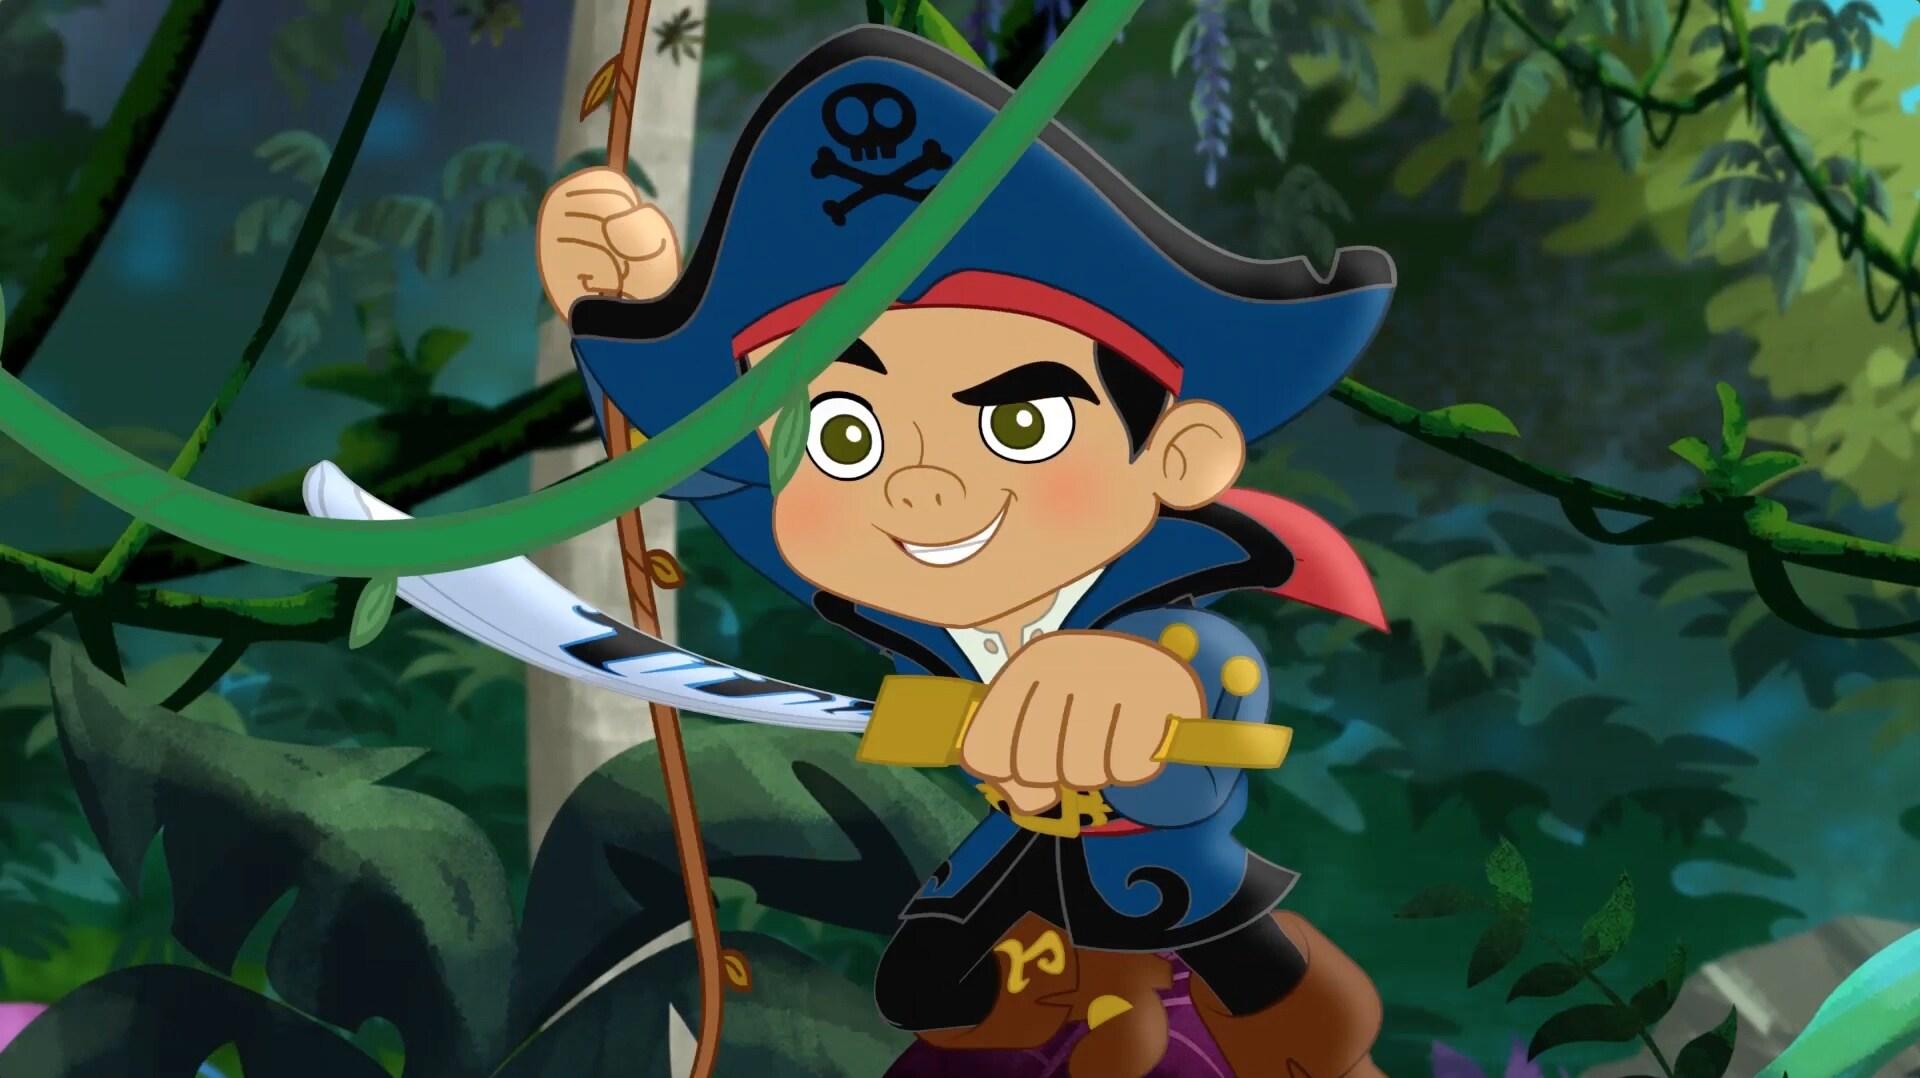 Música de abertura – Capitão Jake e os Piratas – DJ Junior